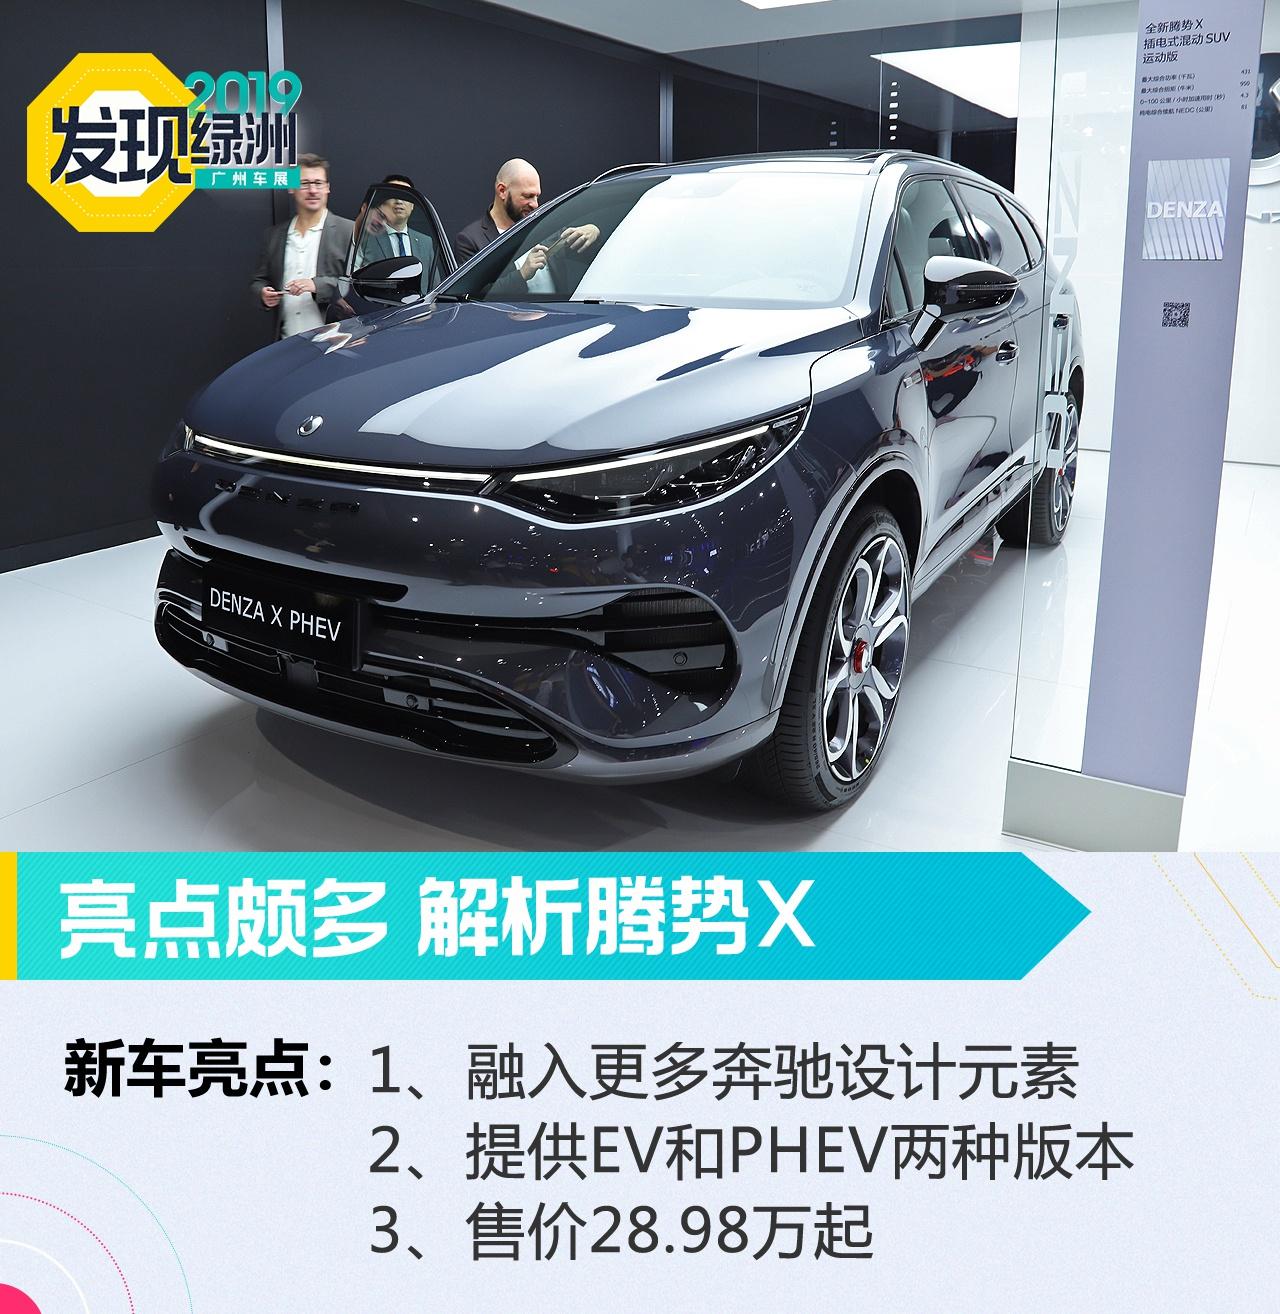 2019广州车展:蔚来ES6有对手了 实拍解析腾势X